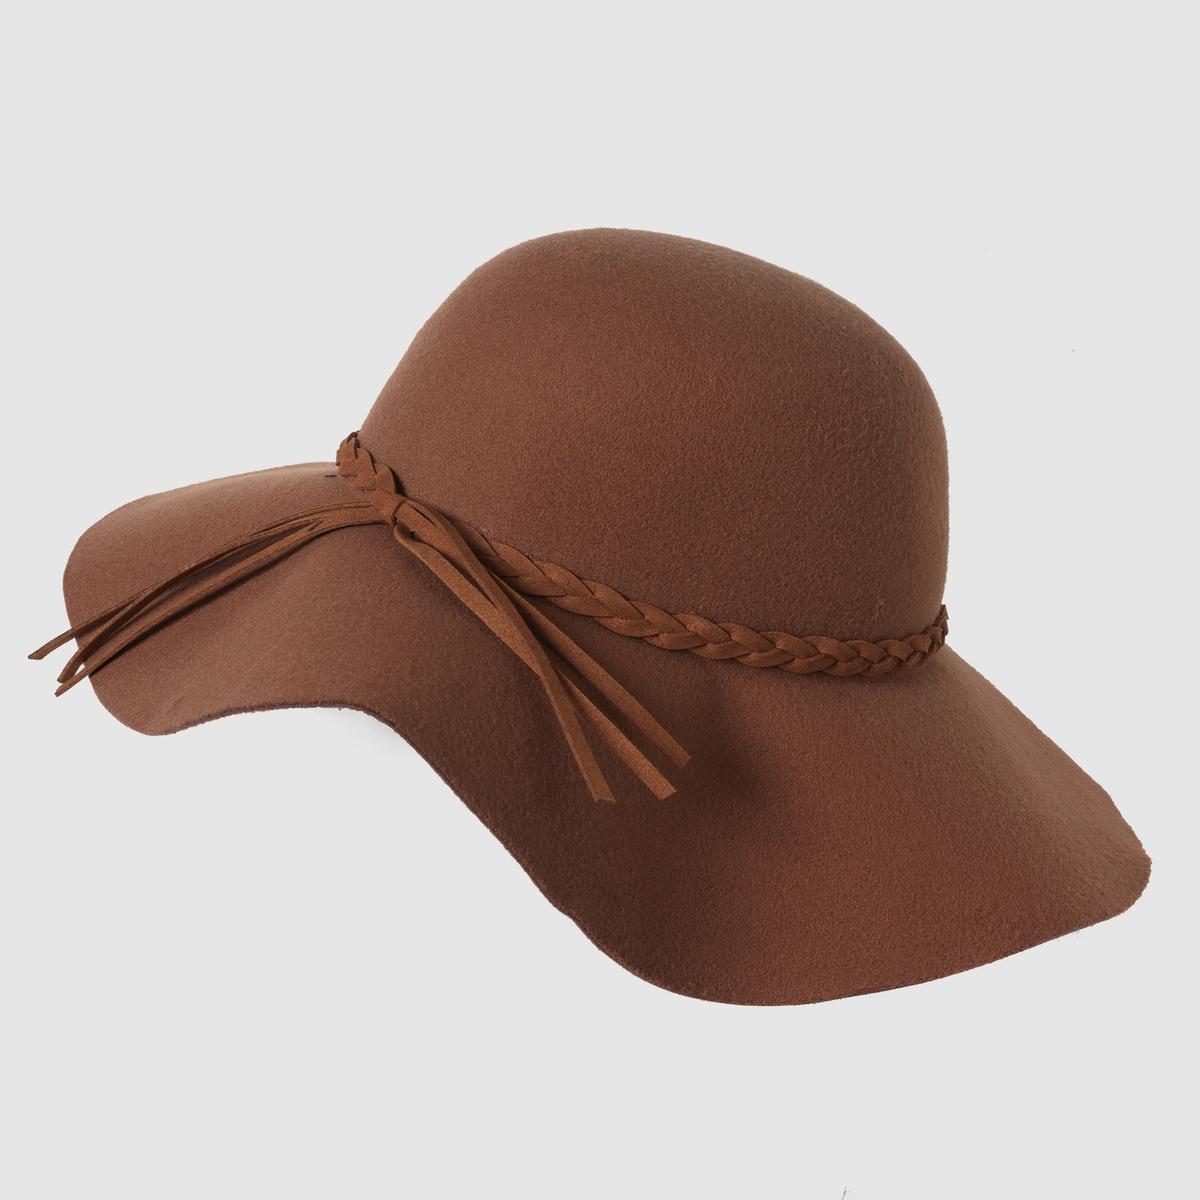 ШляпаЕдиный размер. Необходимый предмет одежды этой зимой. Фетр 100% полиэстера.<br><br>Цвет: каштановый<br>Размер: единый размер